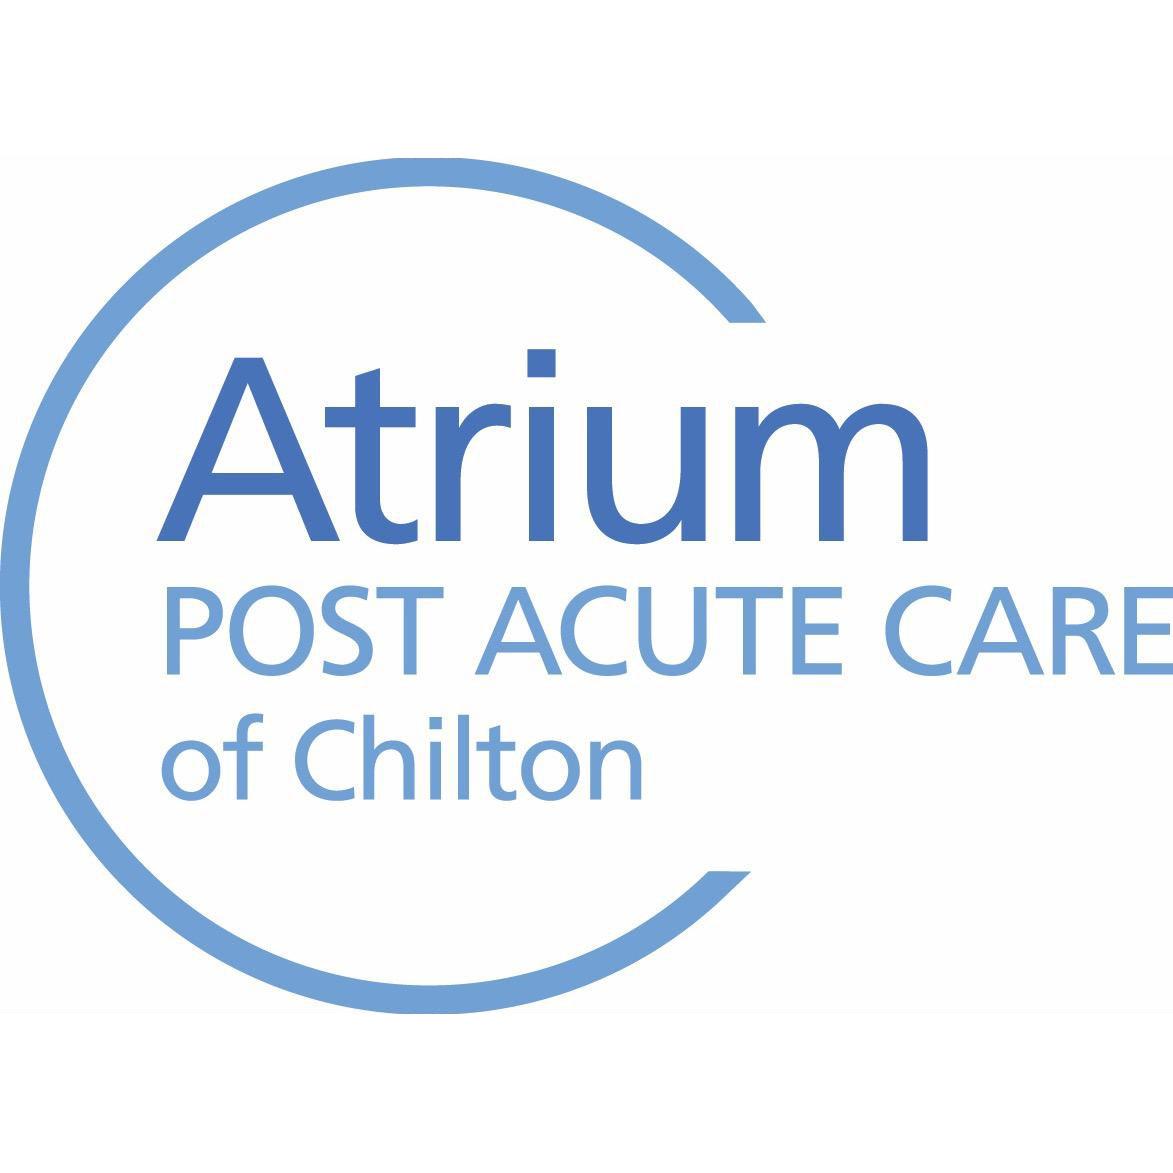 Atrium Post Acute Care of Chilton